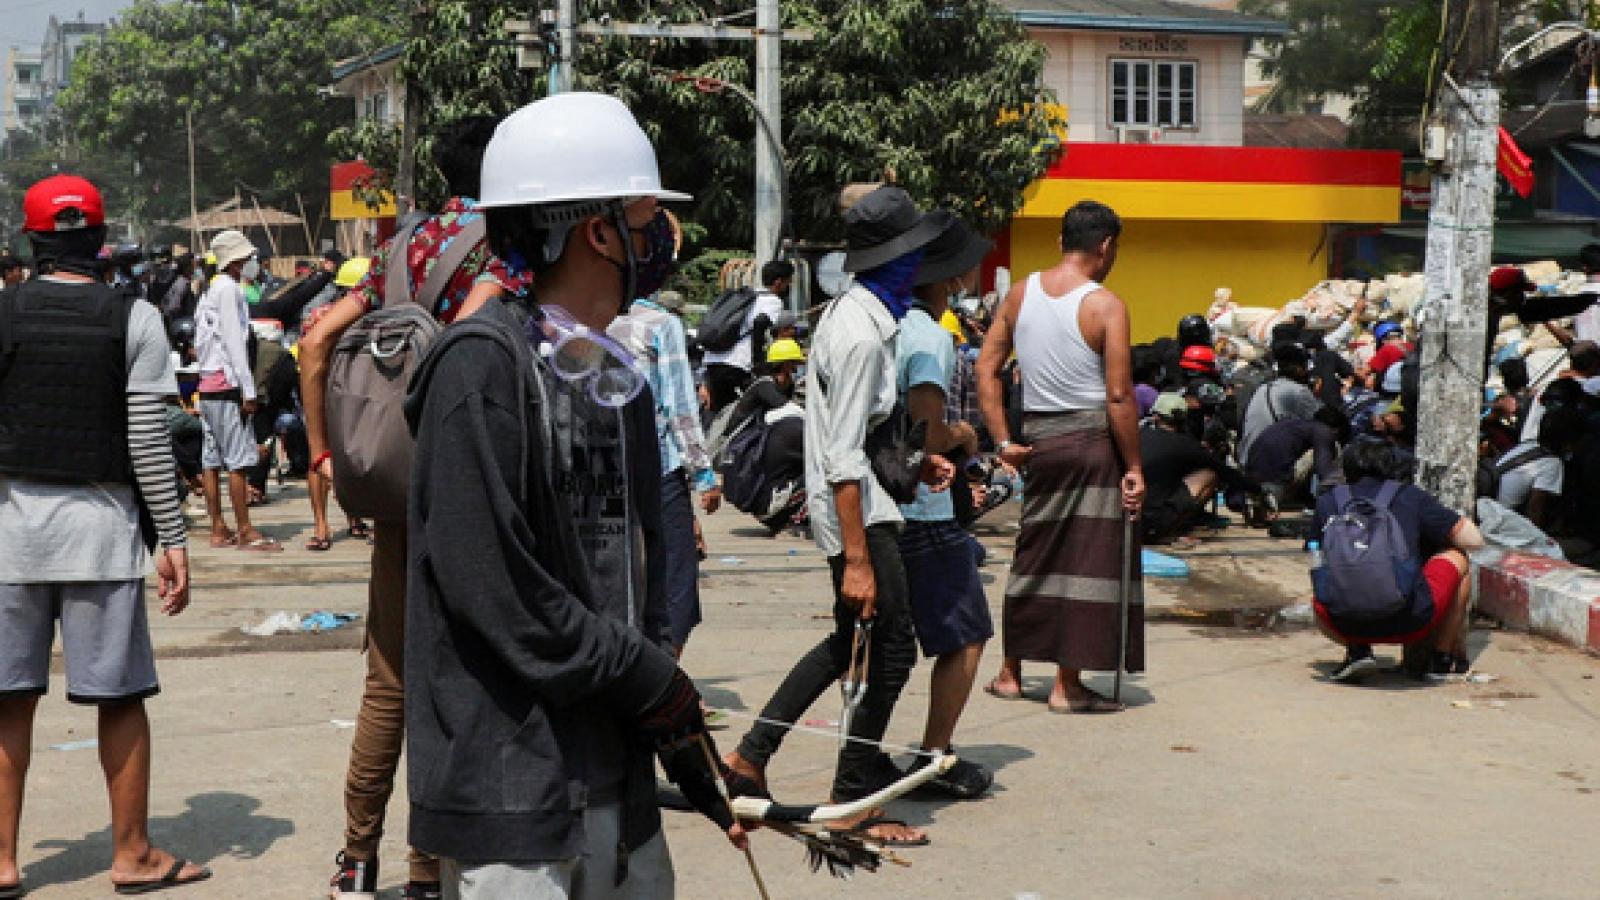 Liên Hợp Quốc và nhiều nước tiếp tục quan ngại về tình hình Myanmar